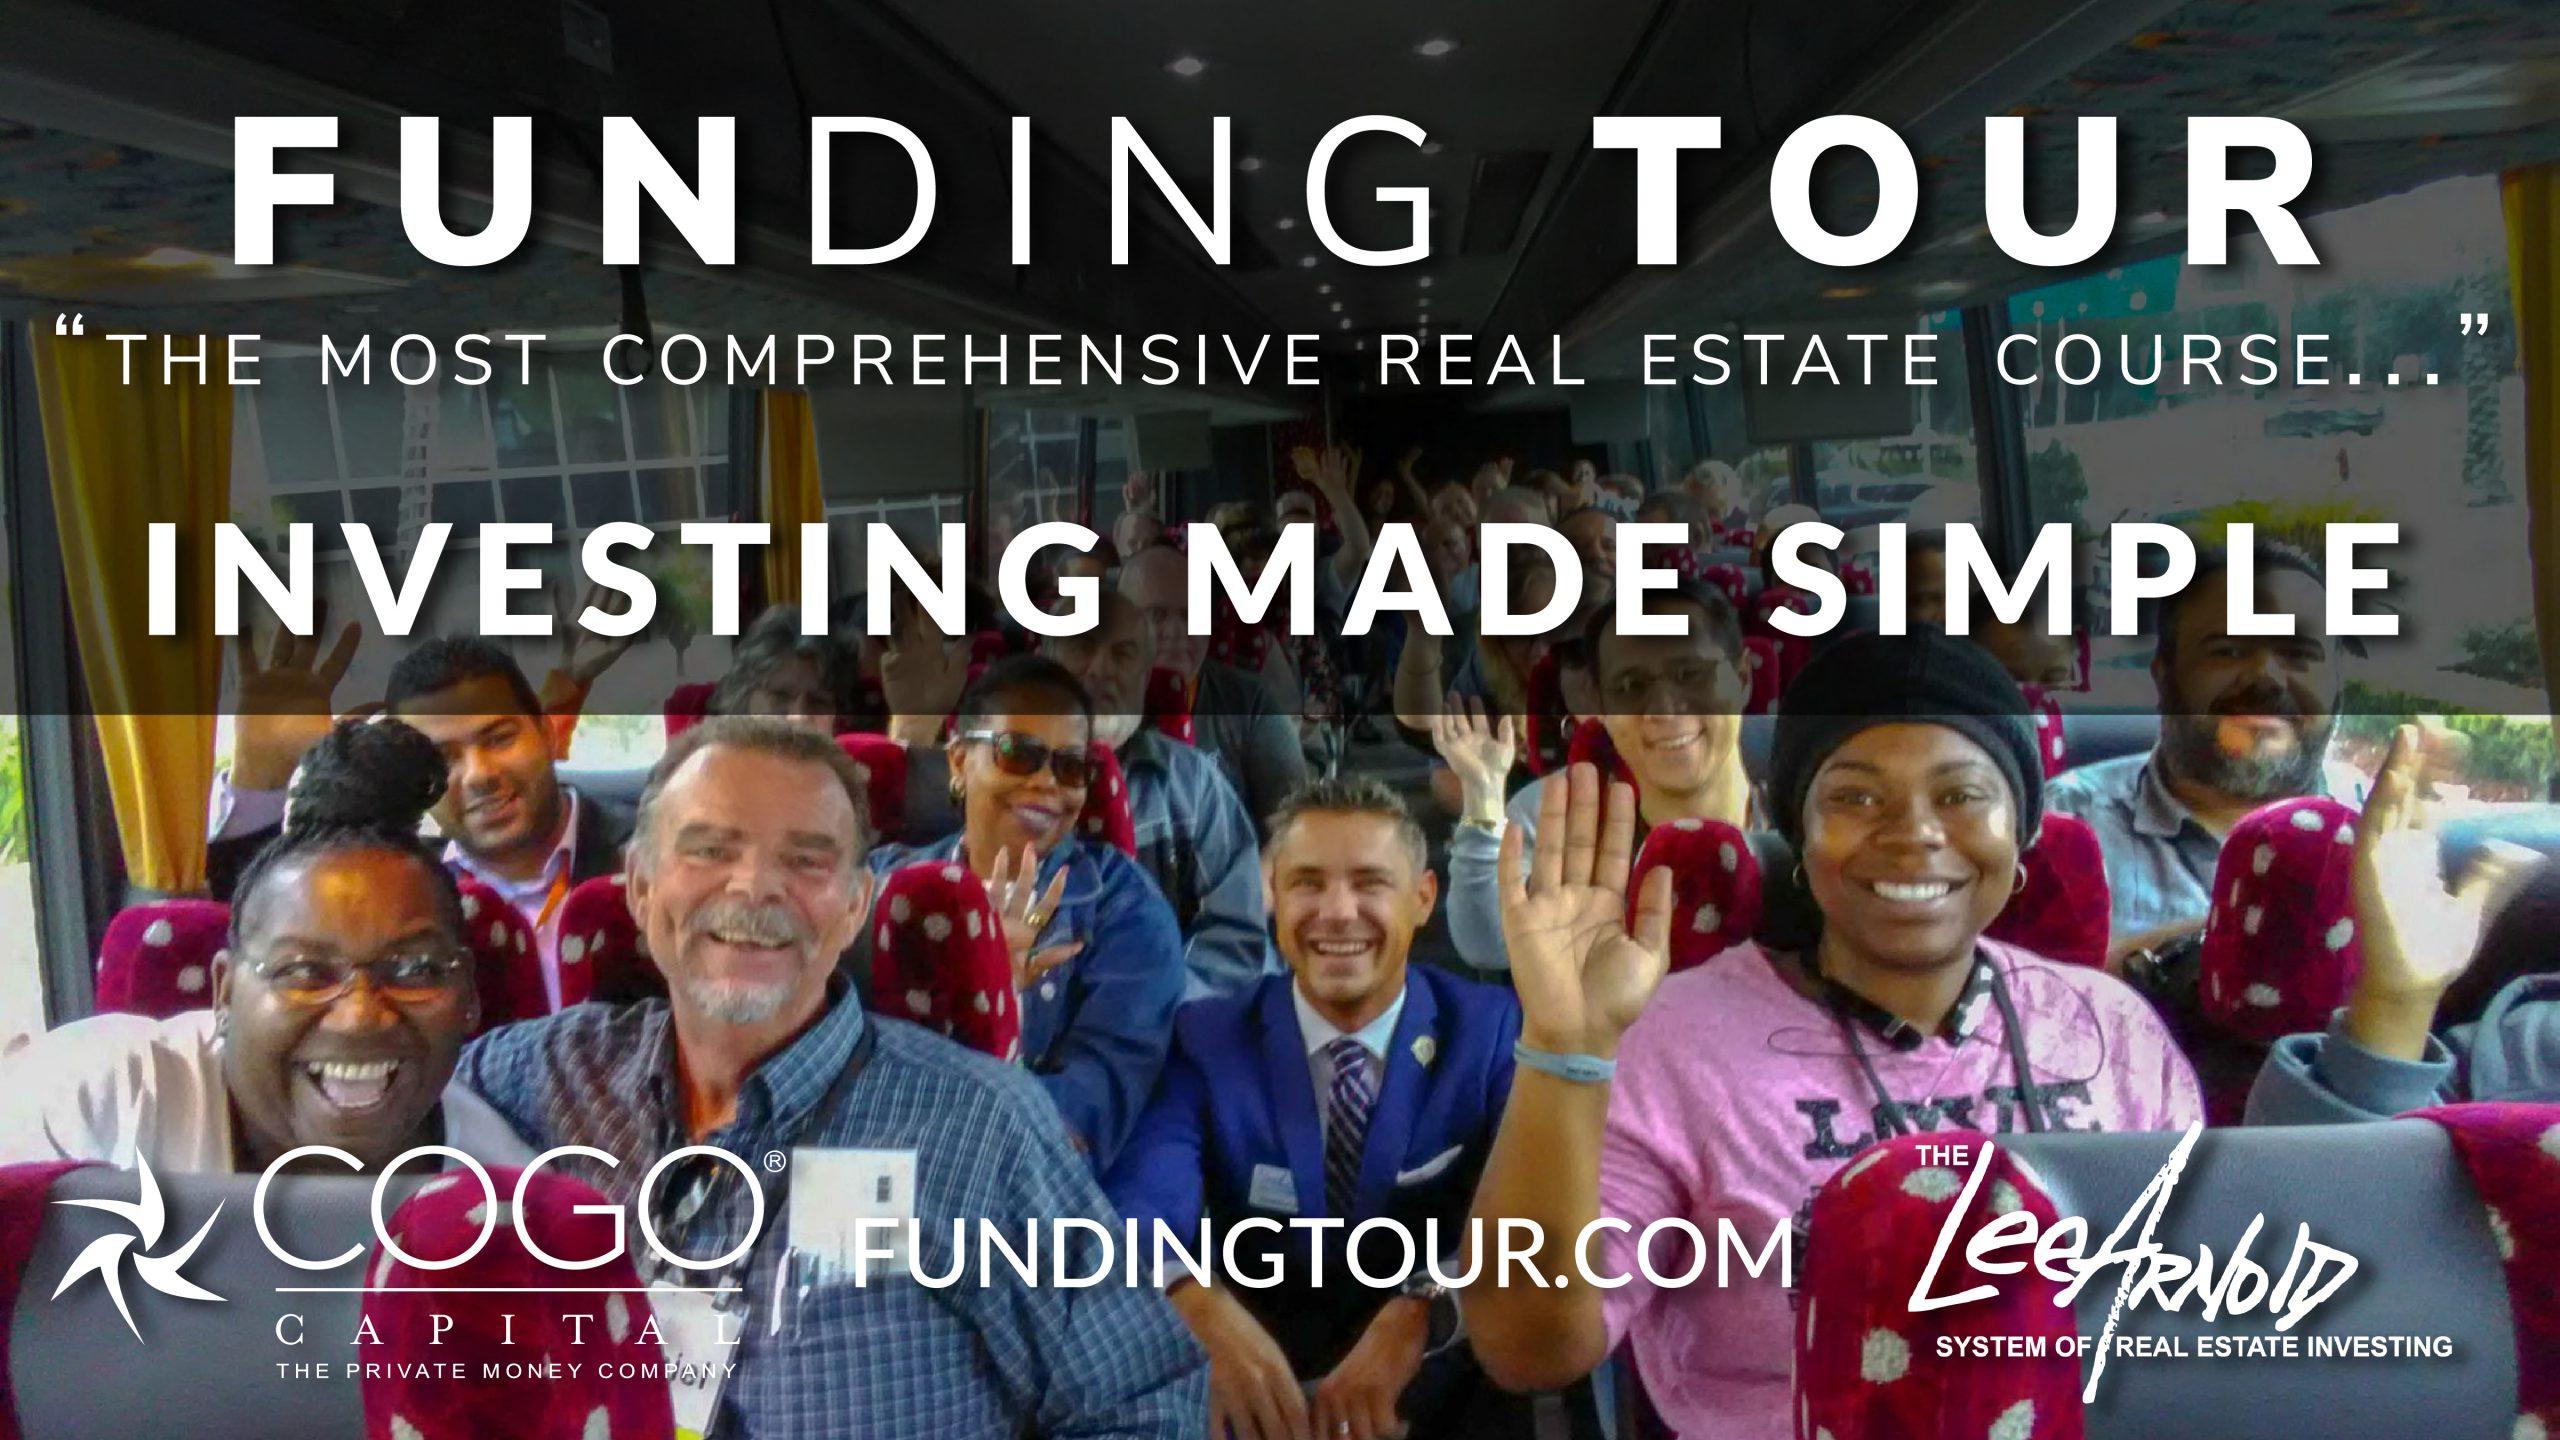 Funding Tour - Cogo Capital